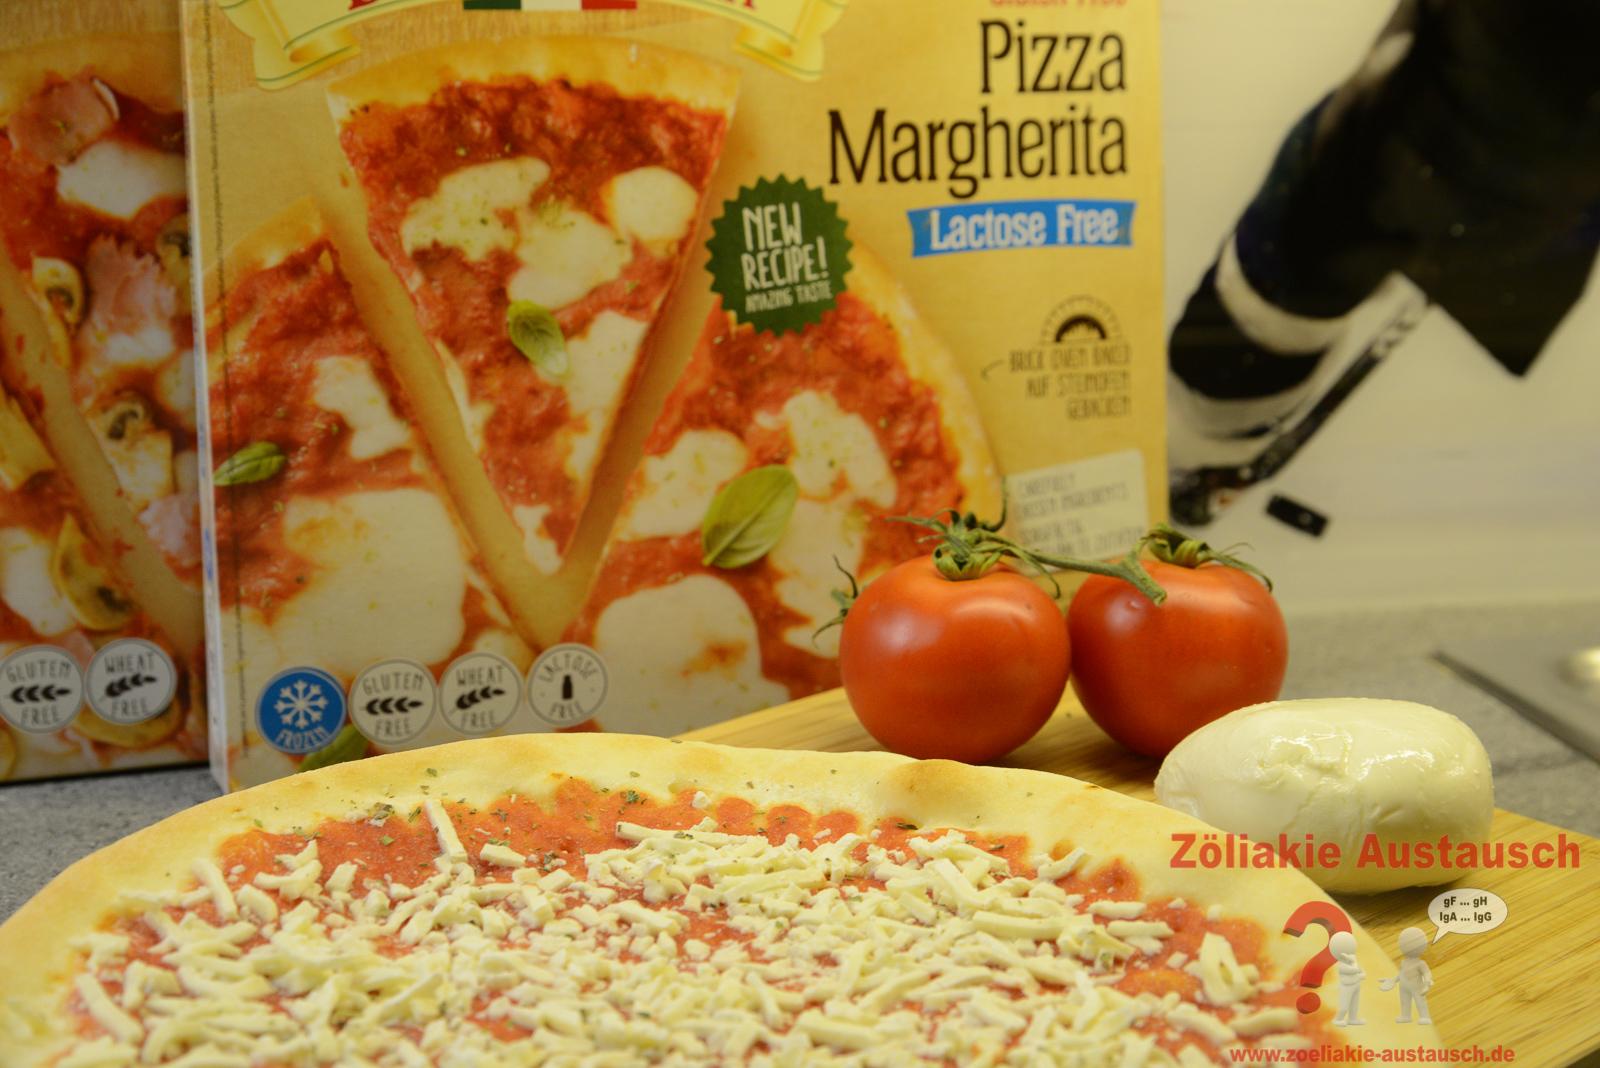 Schaer_Pizza-Zoeliakie_Austausch_019